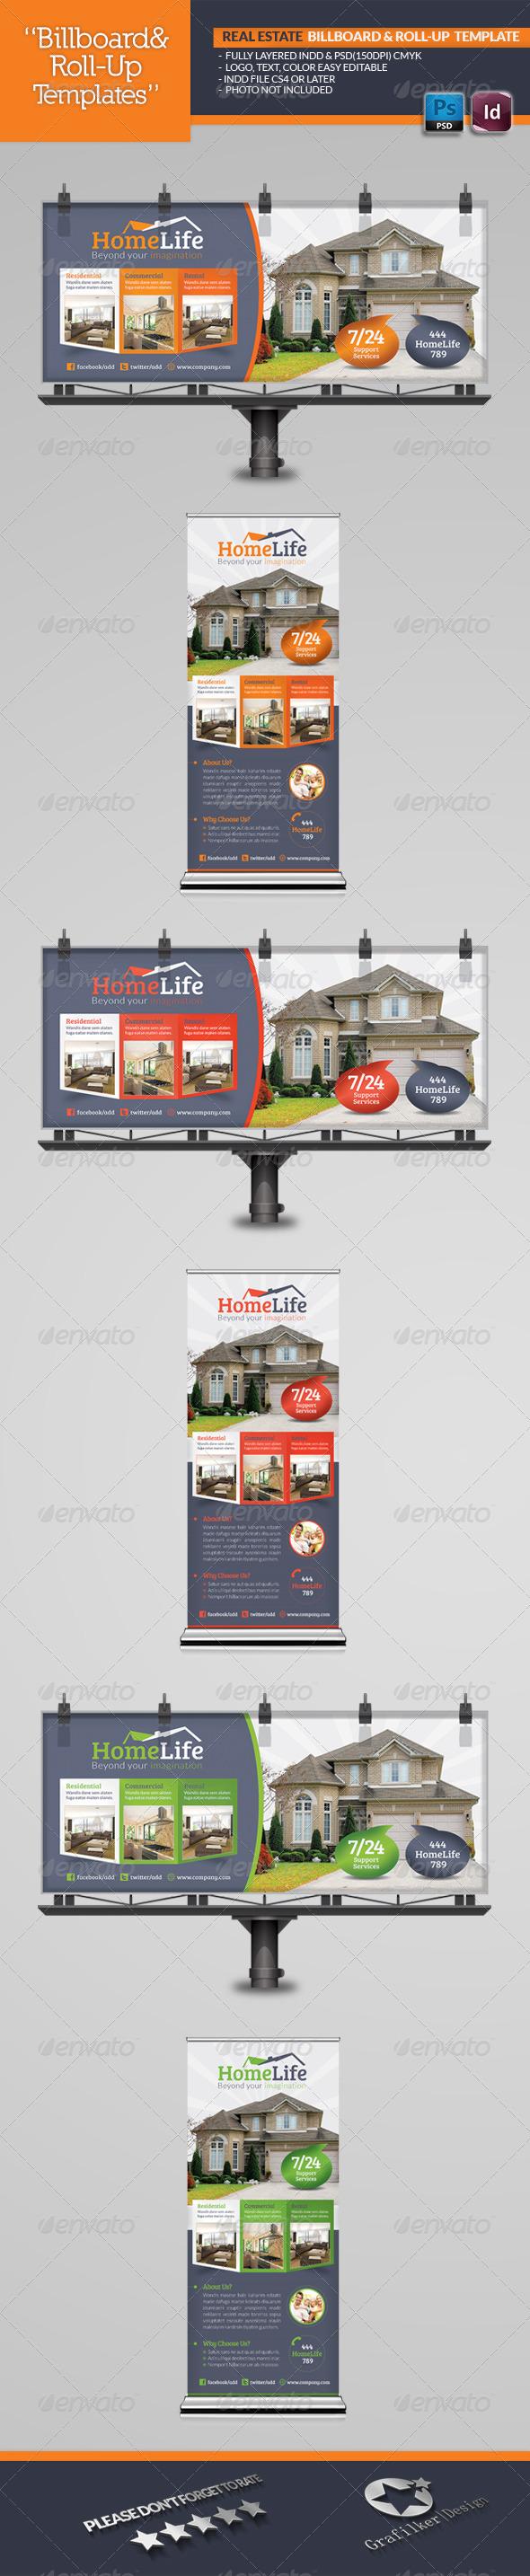 Real estate billboard design samples - Daily Billboard Tv Week Jane By Design Billboard Advertising Billboards Signage Pinterest Signage